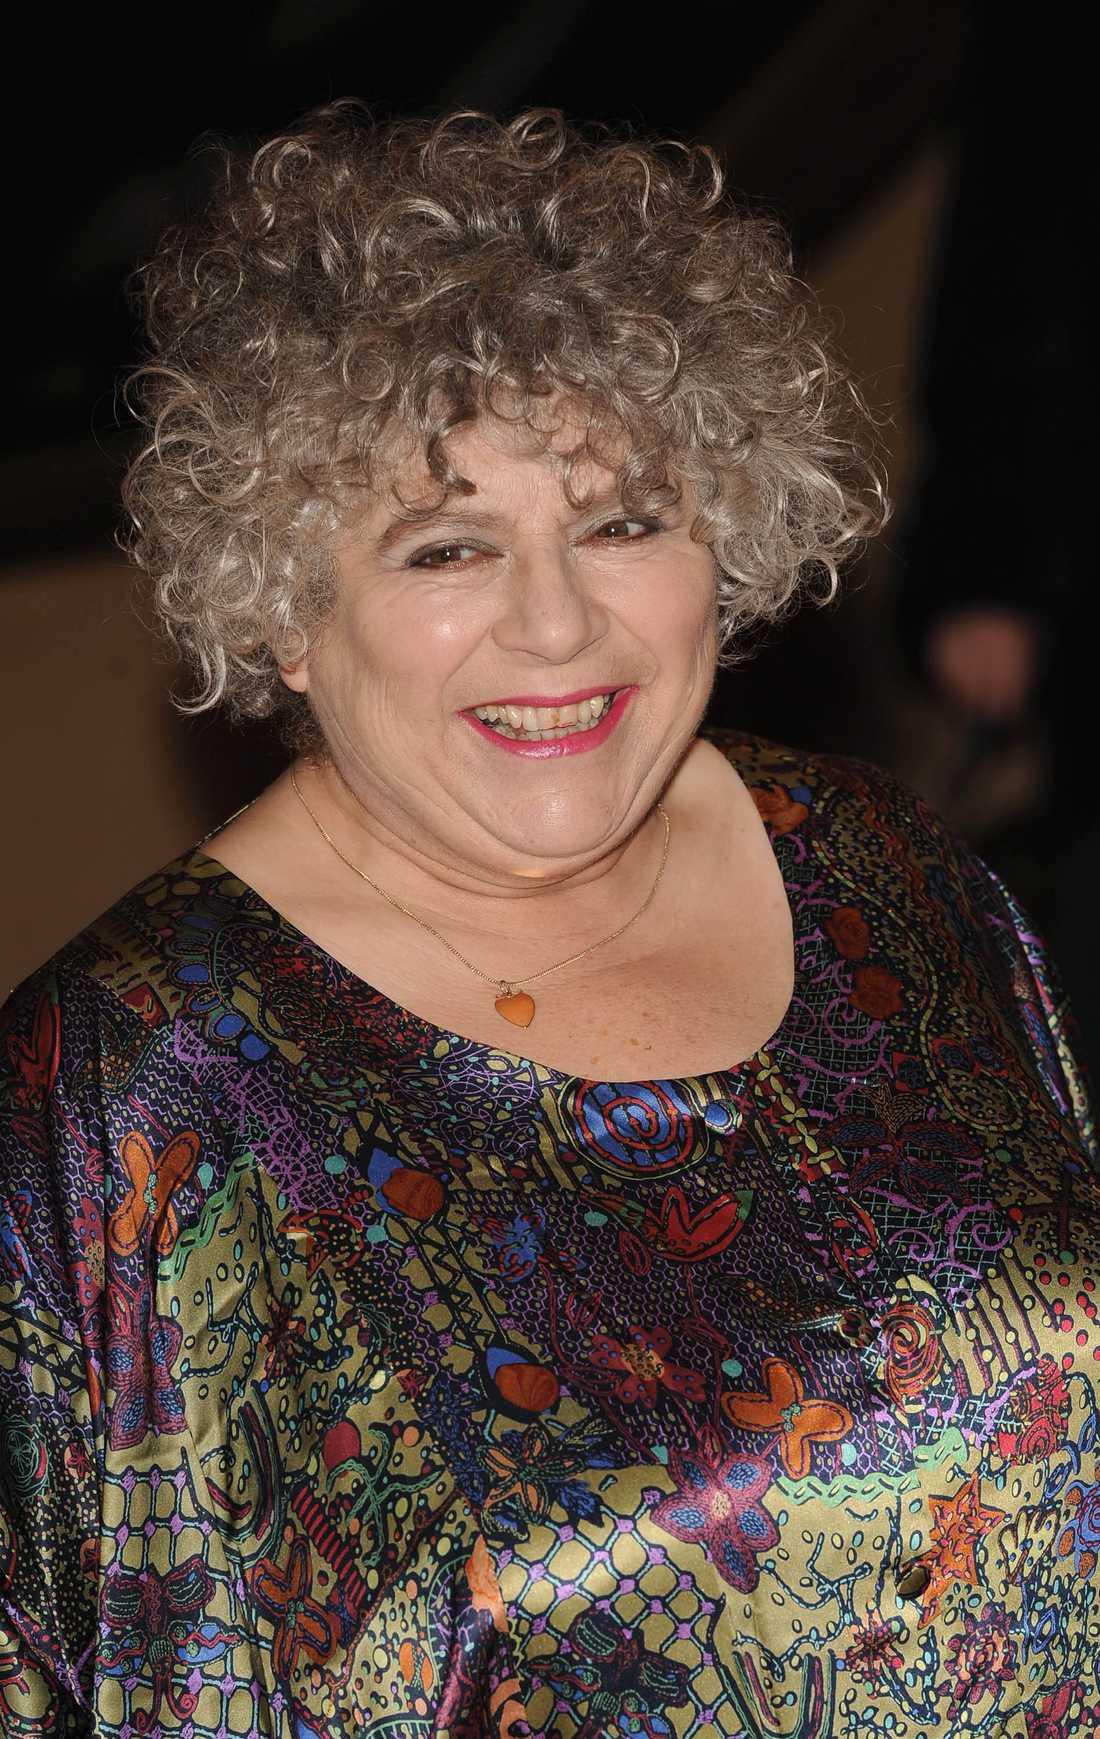 Skådespelaren Miriam Margolyes.